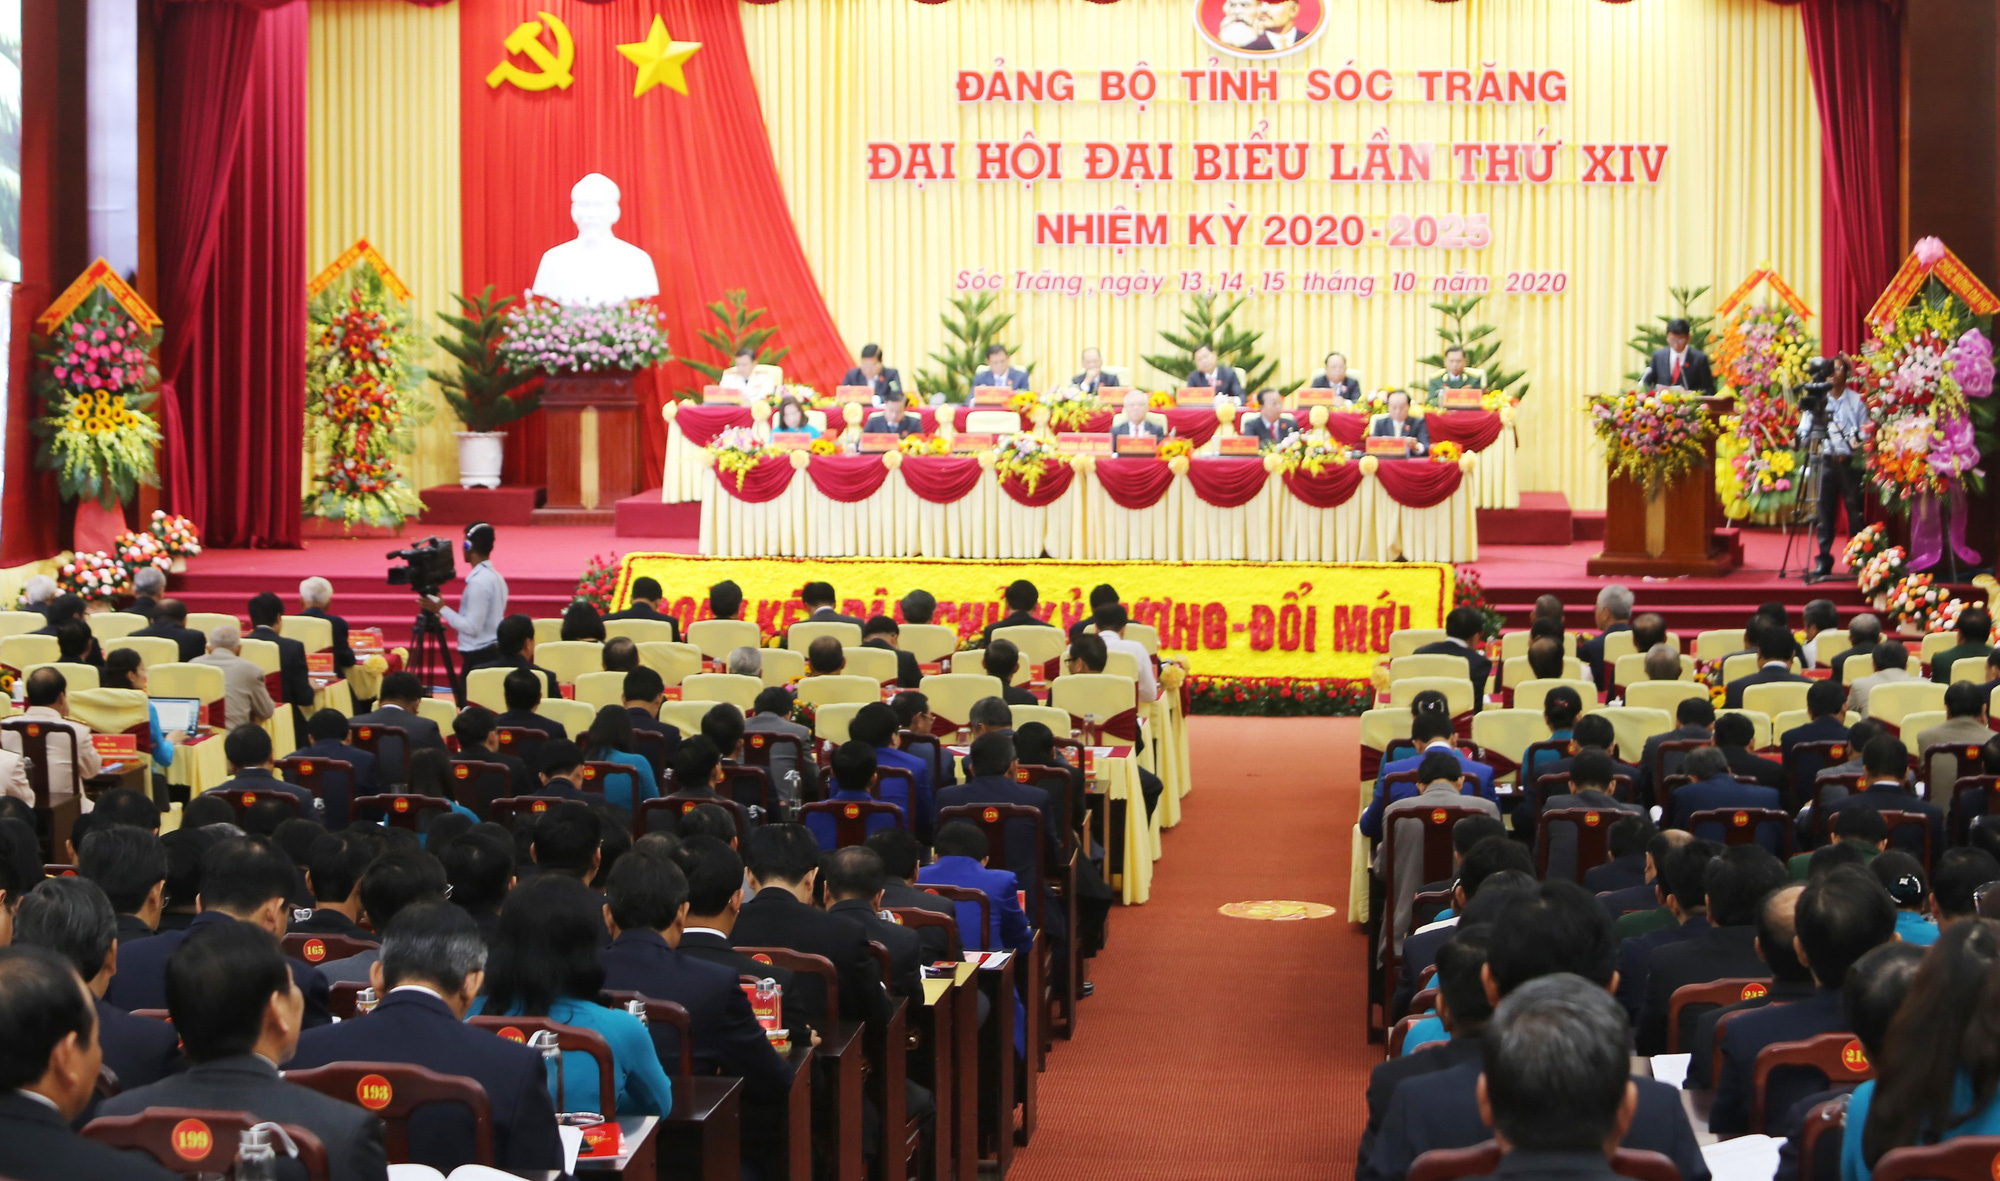 Sóc Trăng: Ông Lâm Văn Mẫn trúng cử Bí thư Tỉnh ủy Sóc Trăng - Ảnh 2.